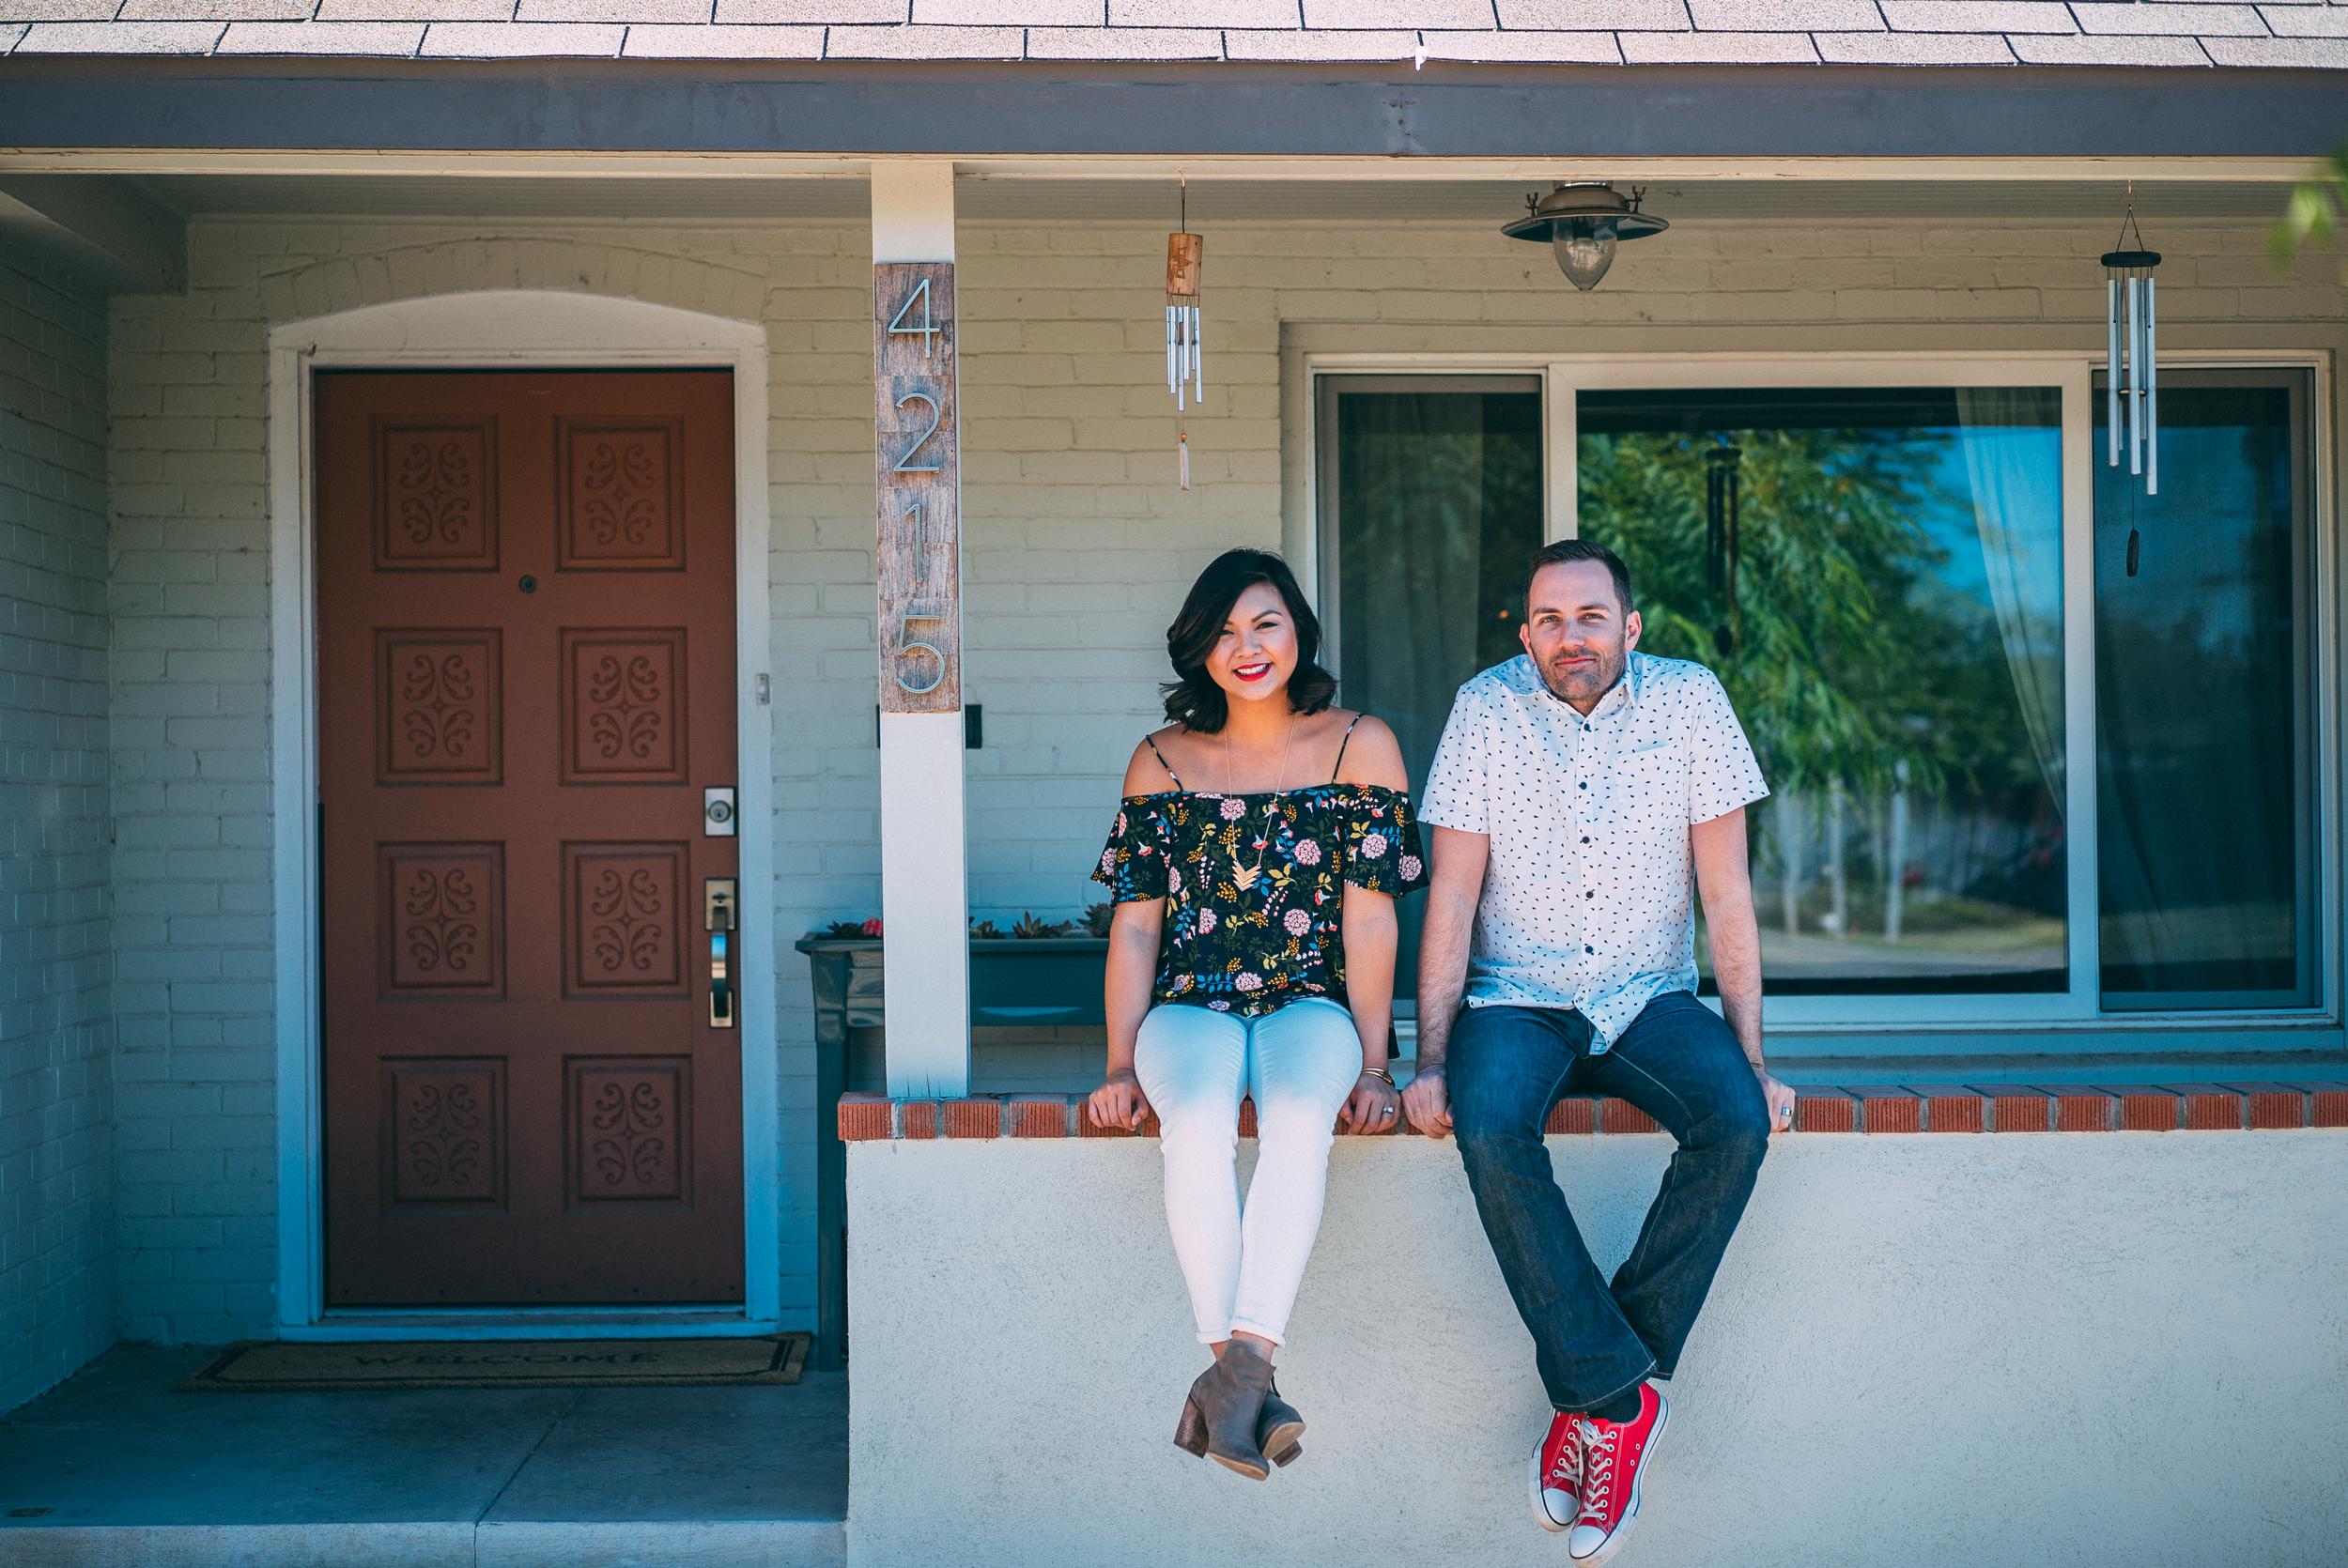 Arizona family shoot - 37.JPG